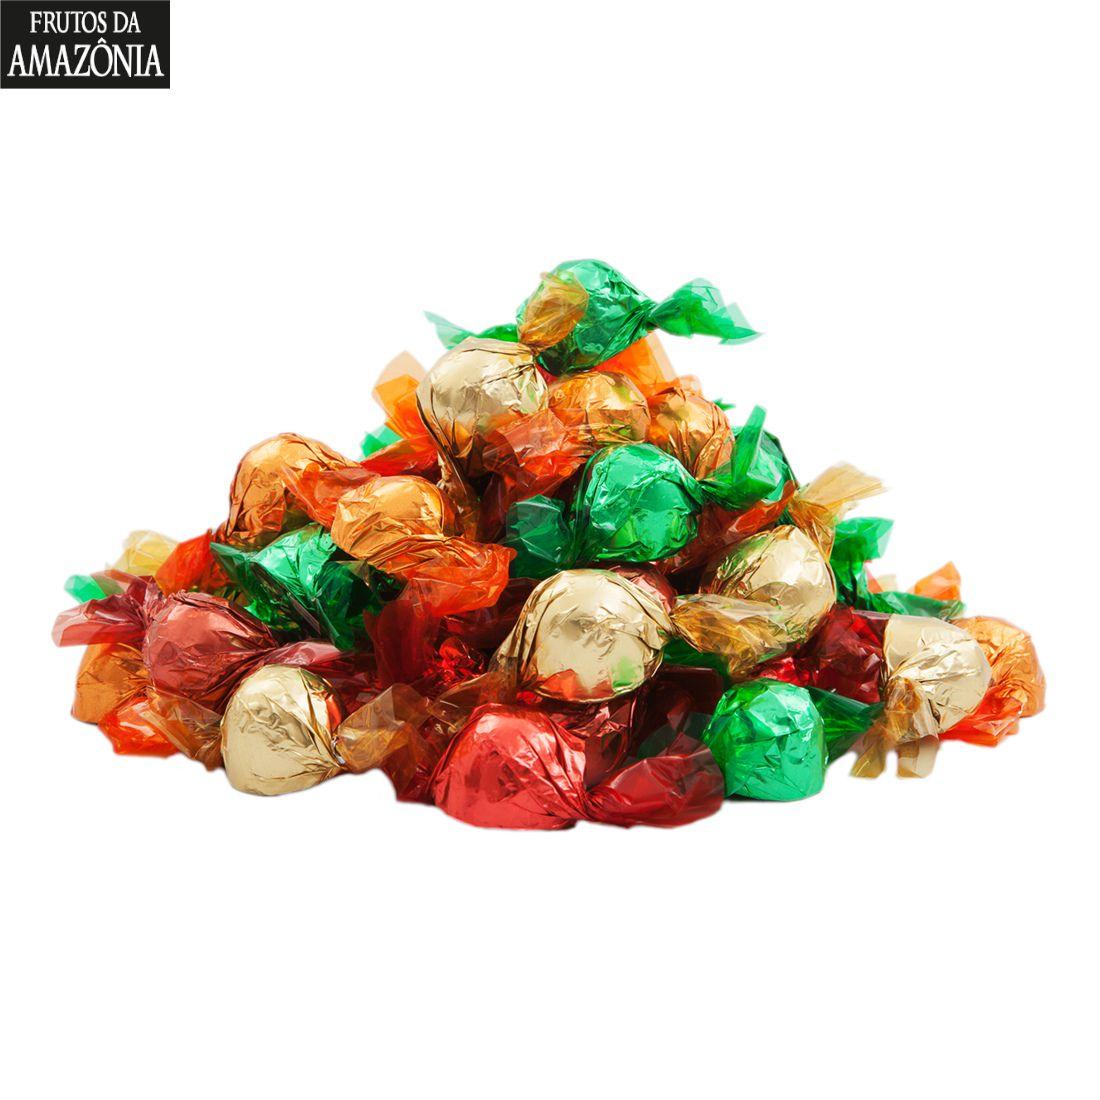 Bombons de Graviola 1kg